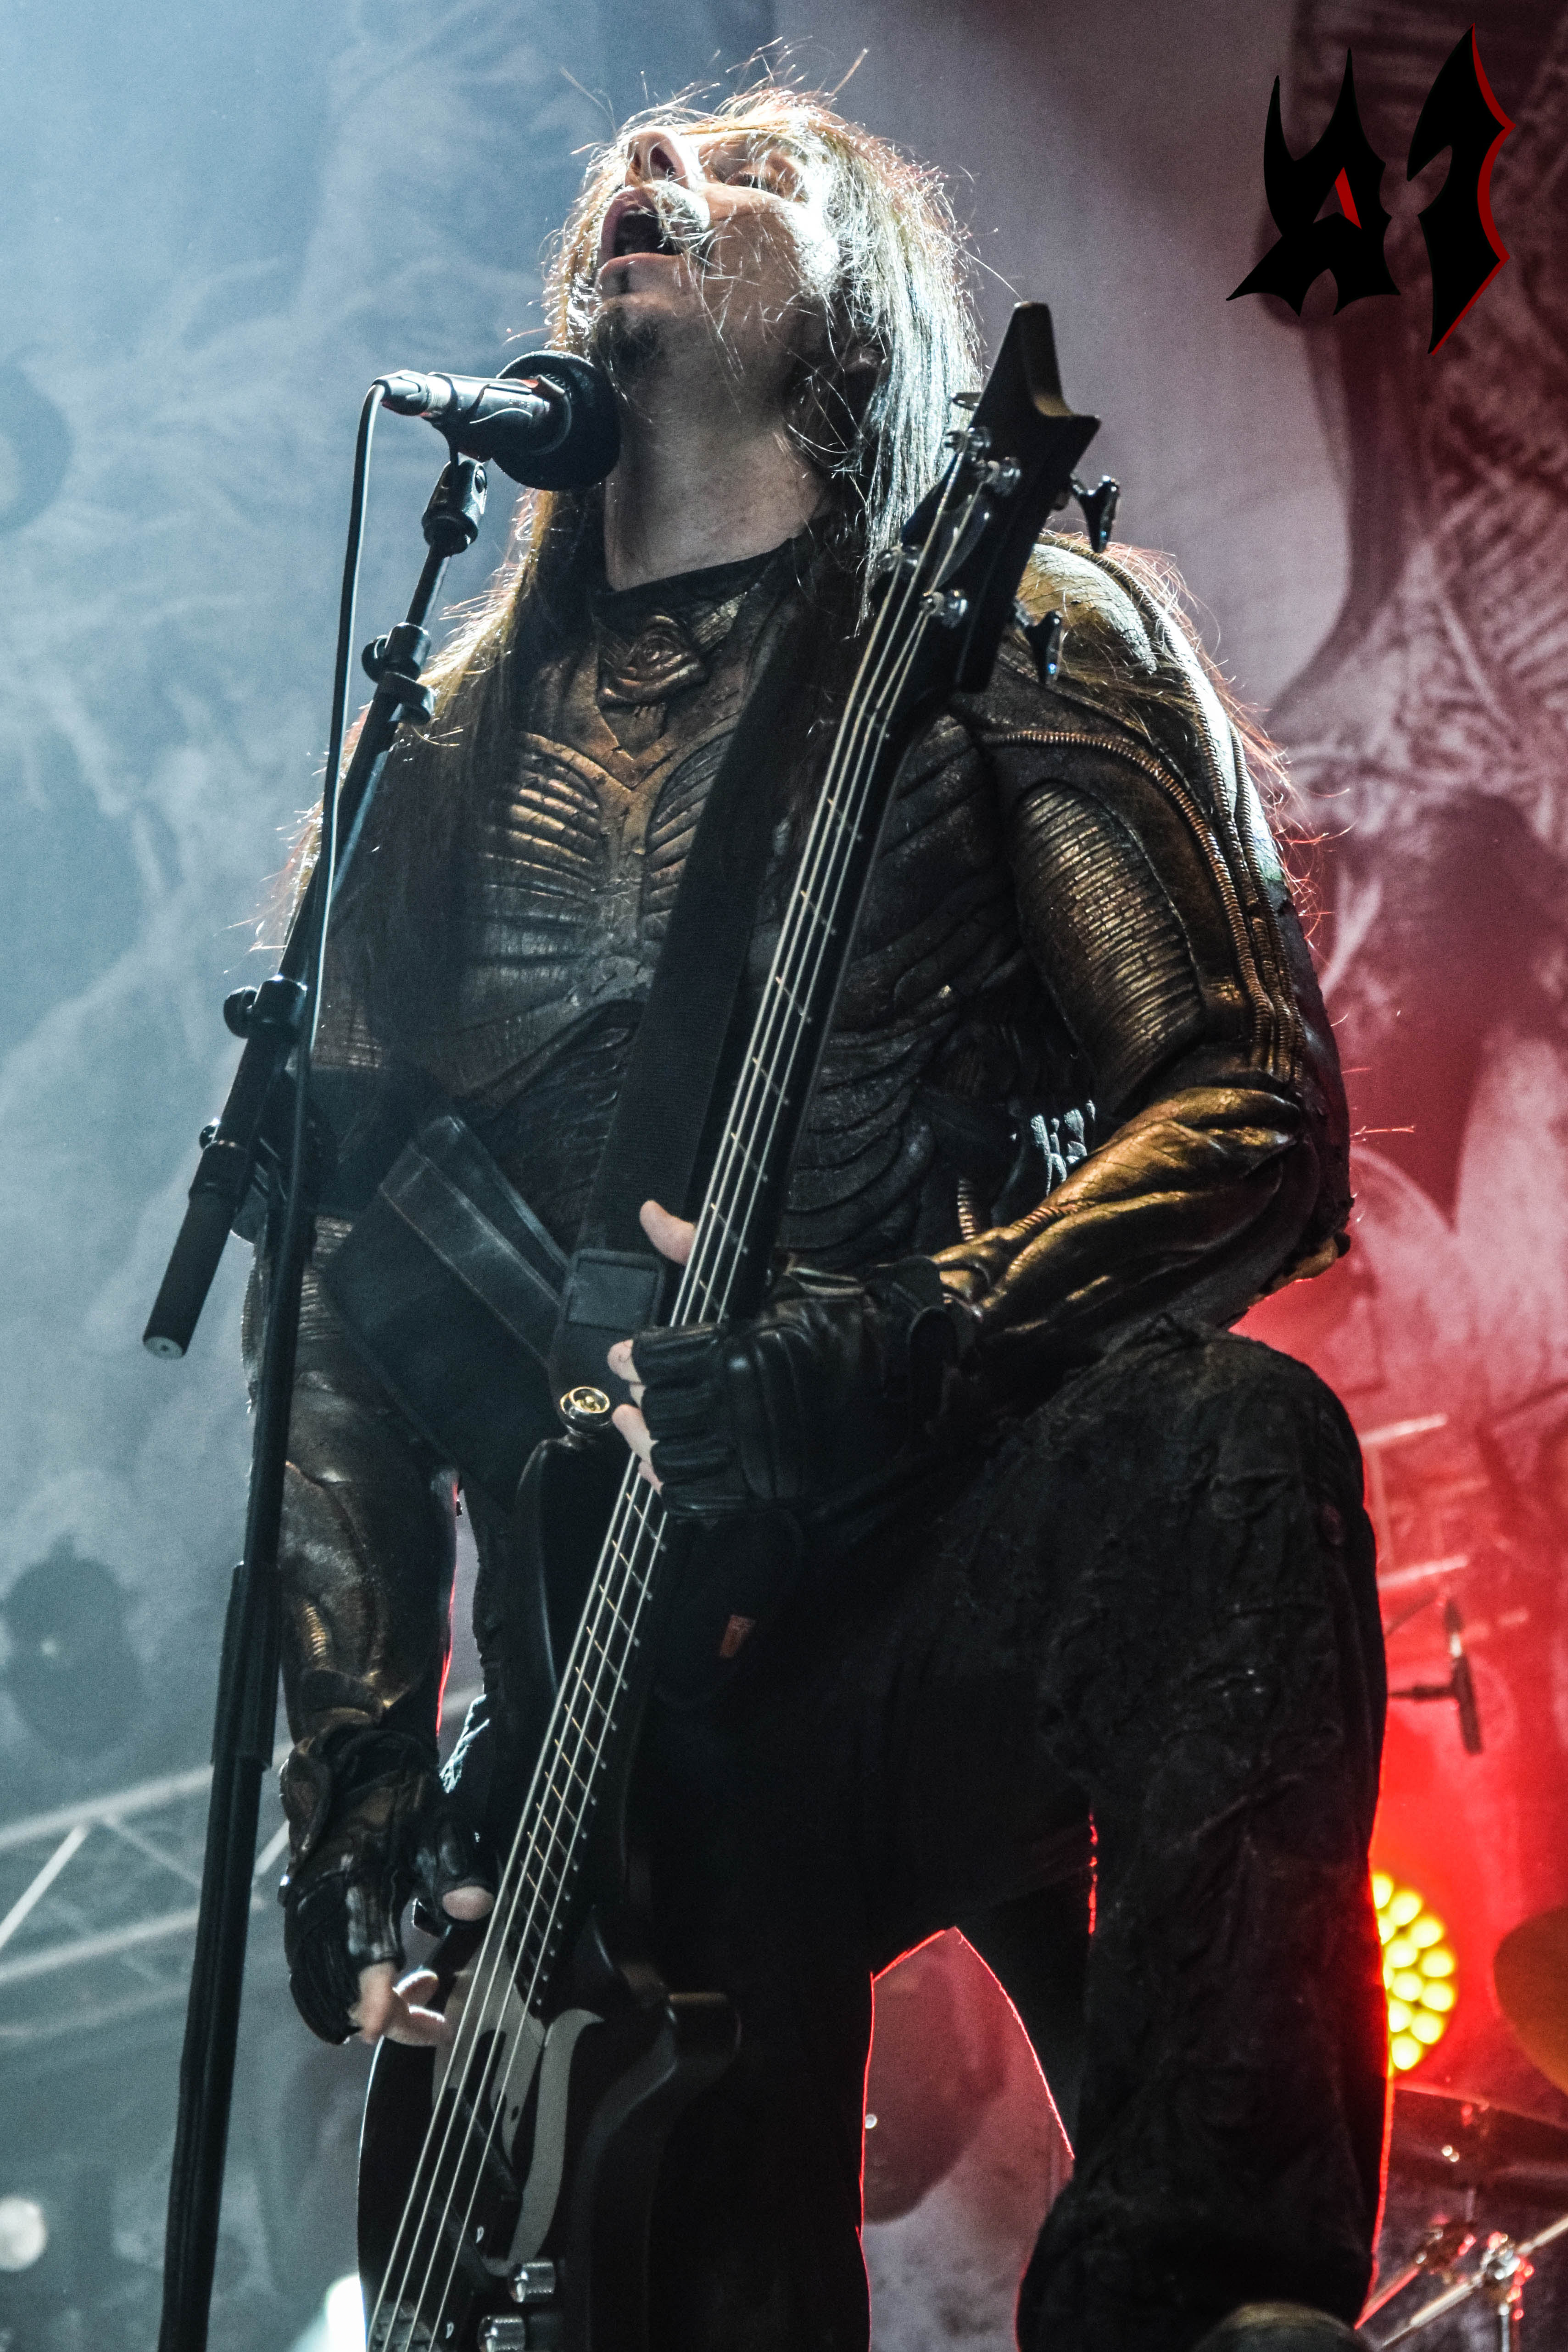 Hellfest 2018 – Day 3 - Septicflesh 12